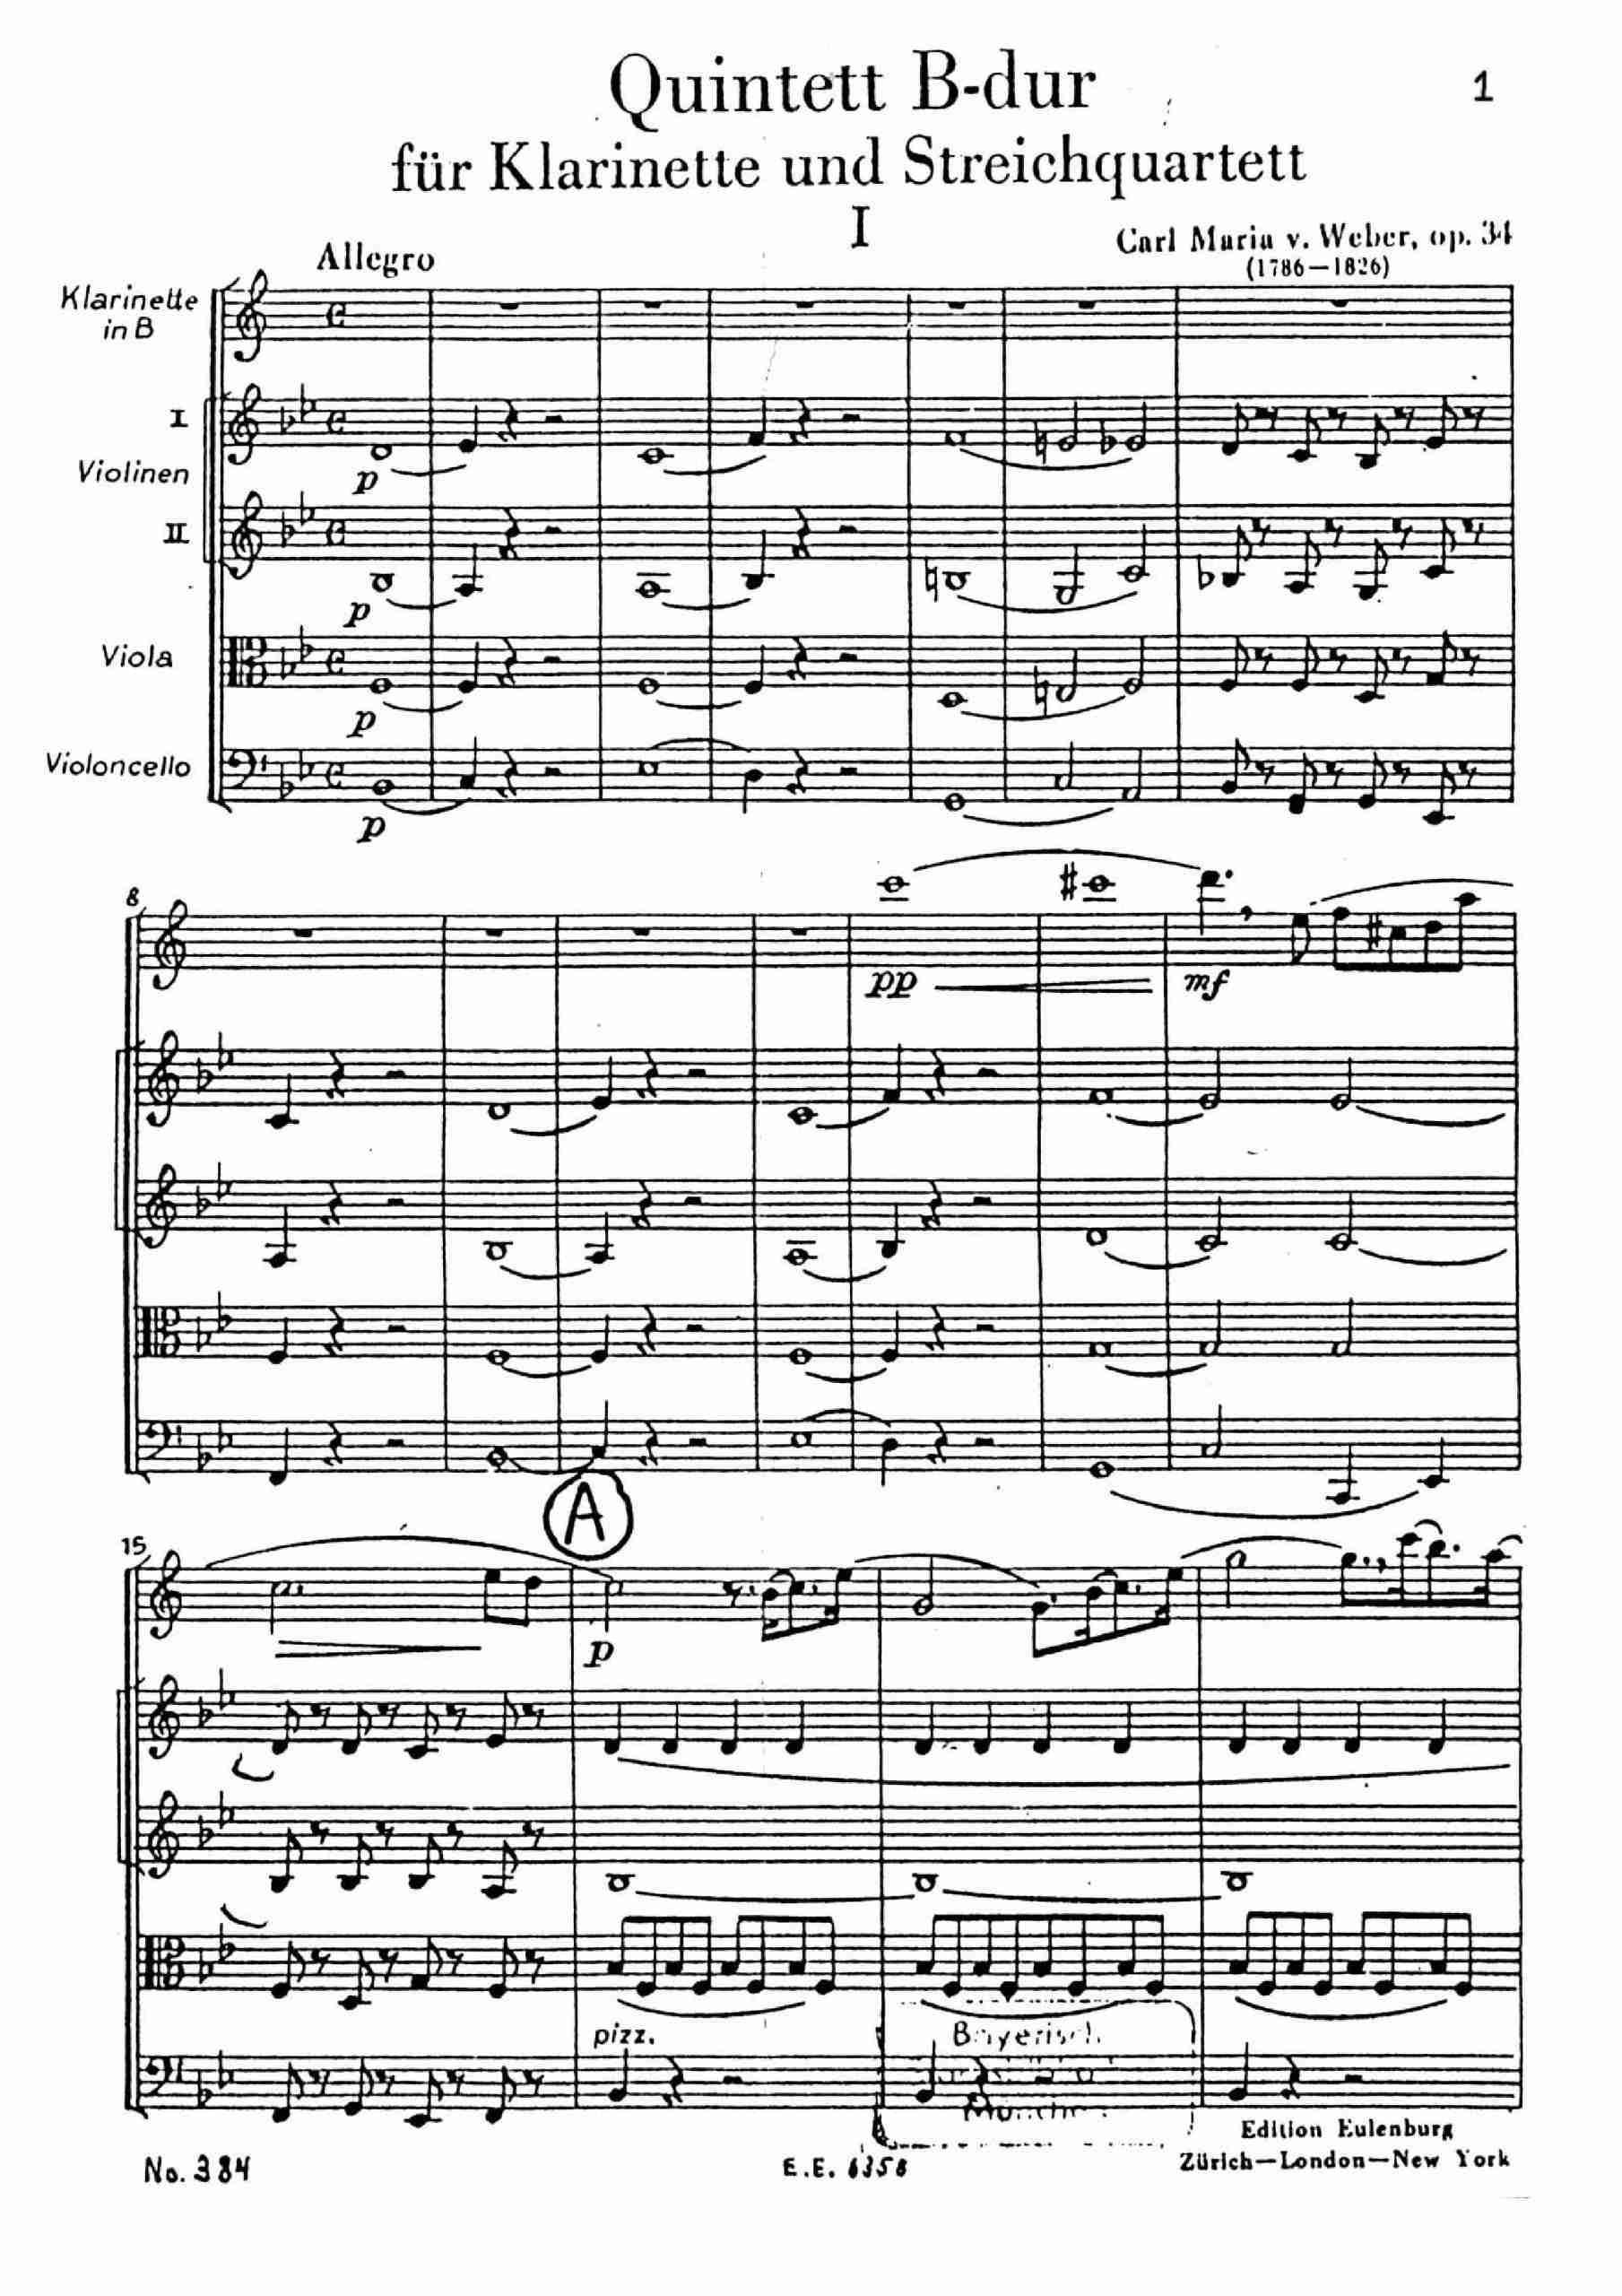 Weber, Carl Maria von - Clarinet Quintet, Op.34 - Score